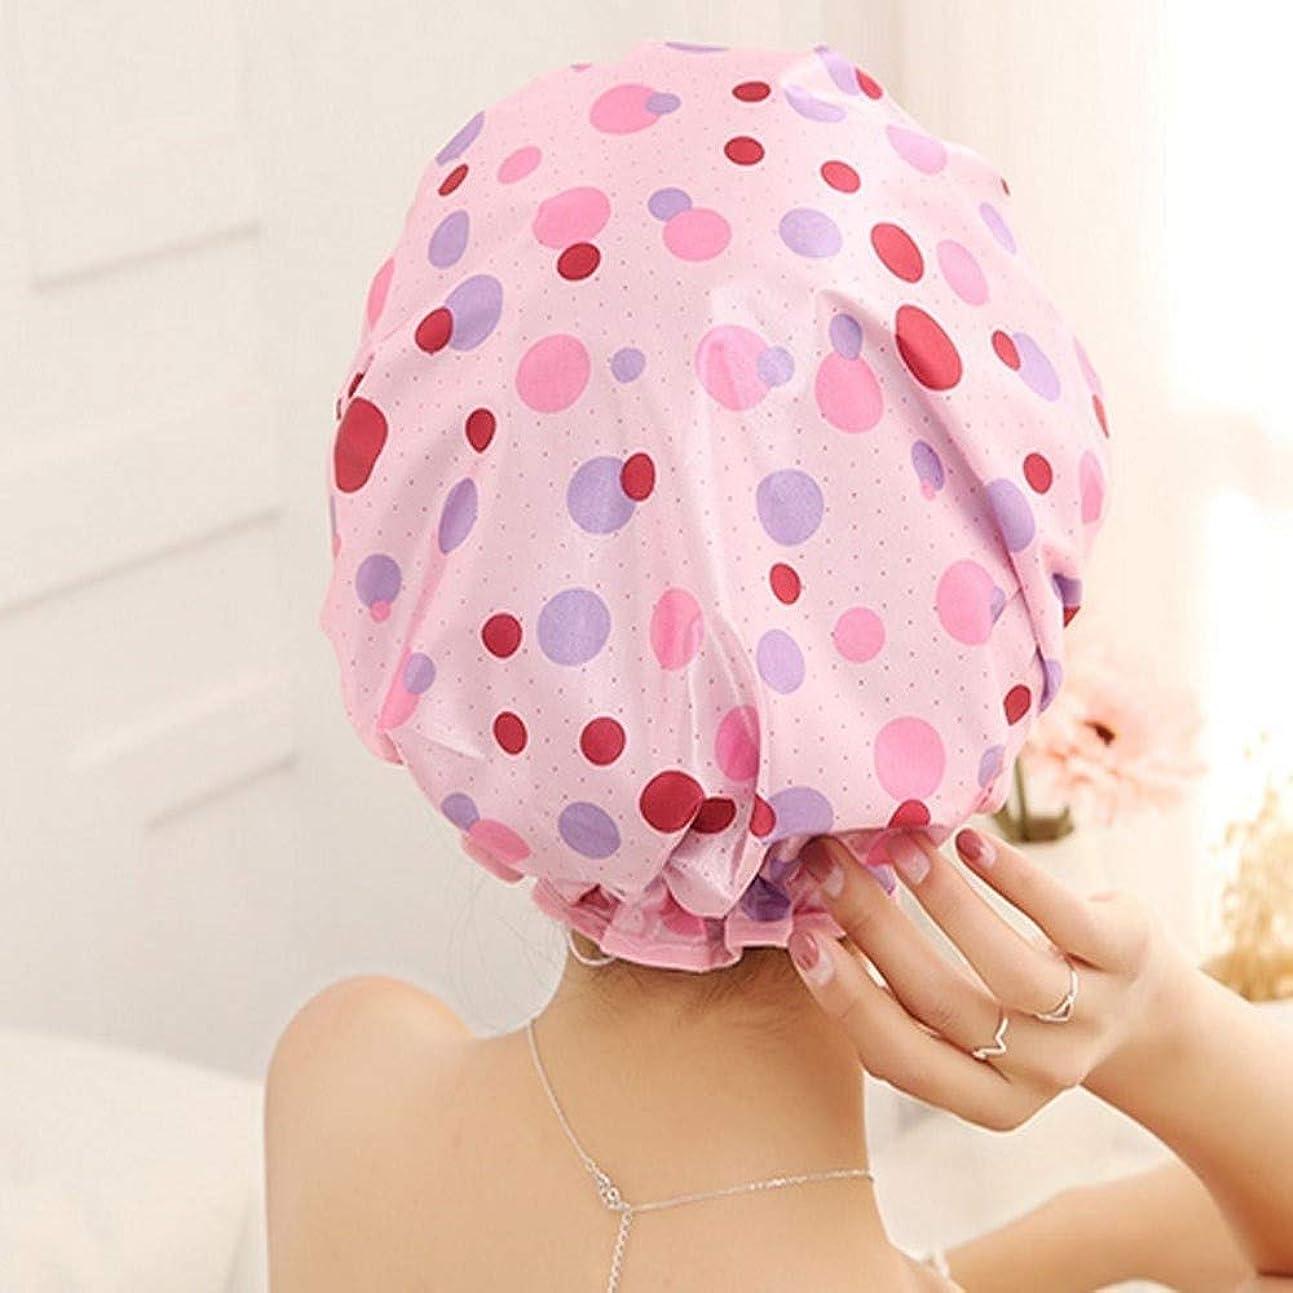 事業内容イチゴ知り合いになるPFKE キャップシャワー、女性が女性のすべての髪の長さと厚さに適しキャップデラックスシャワーキャップシャワー - 耐性防水やカビ、再利用可能なシャワー。 シンプルで実用的な製品 (Color : 3)